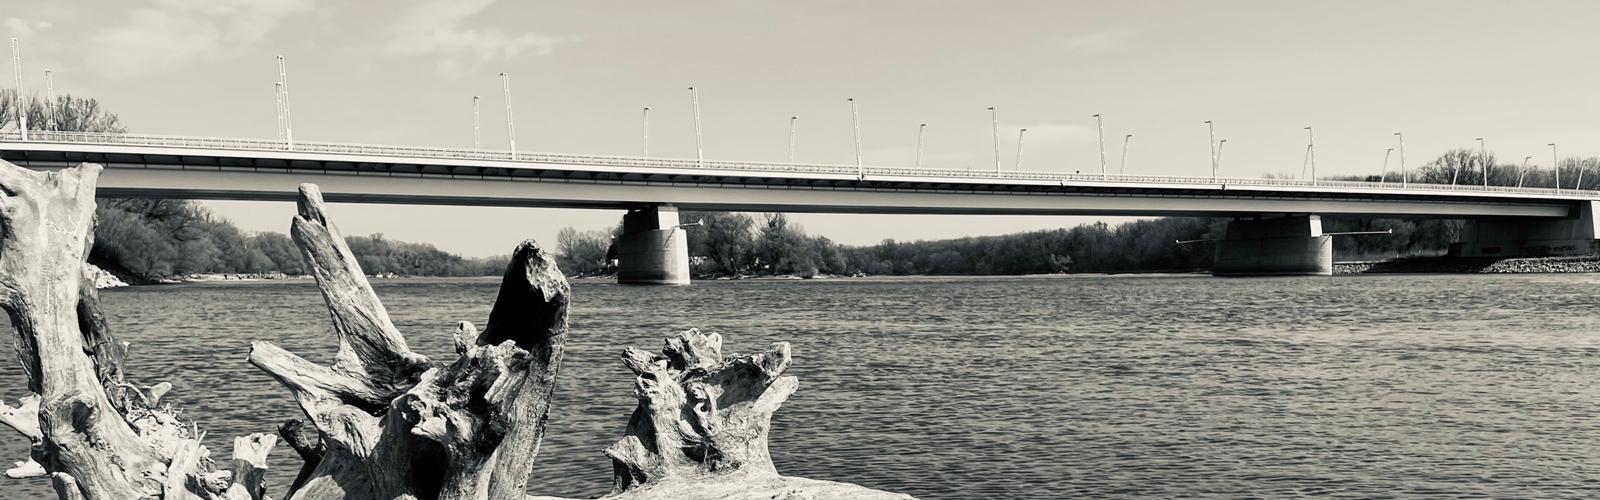 Dunakalász